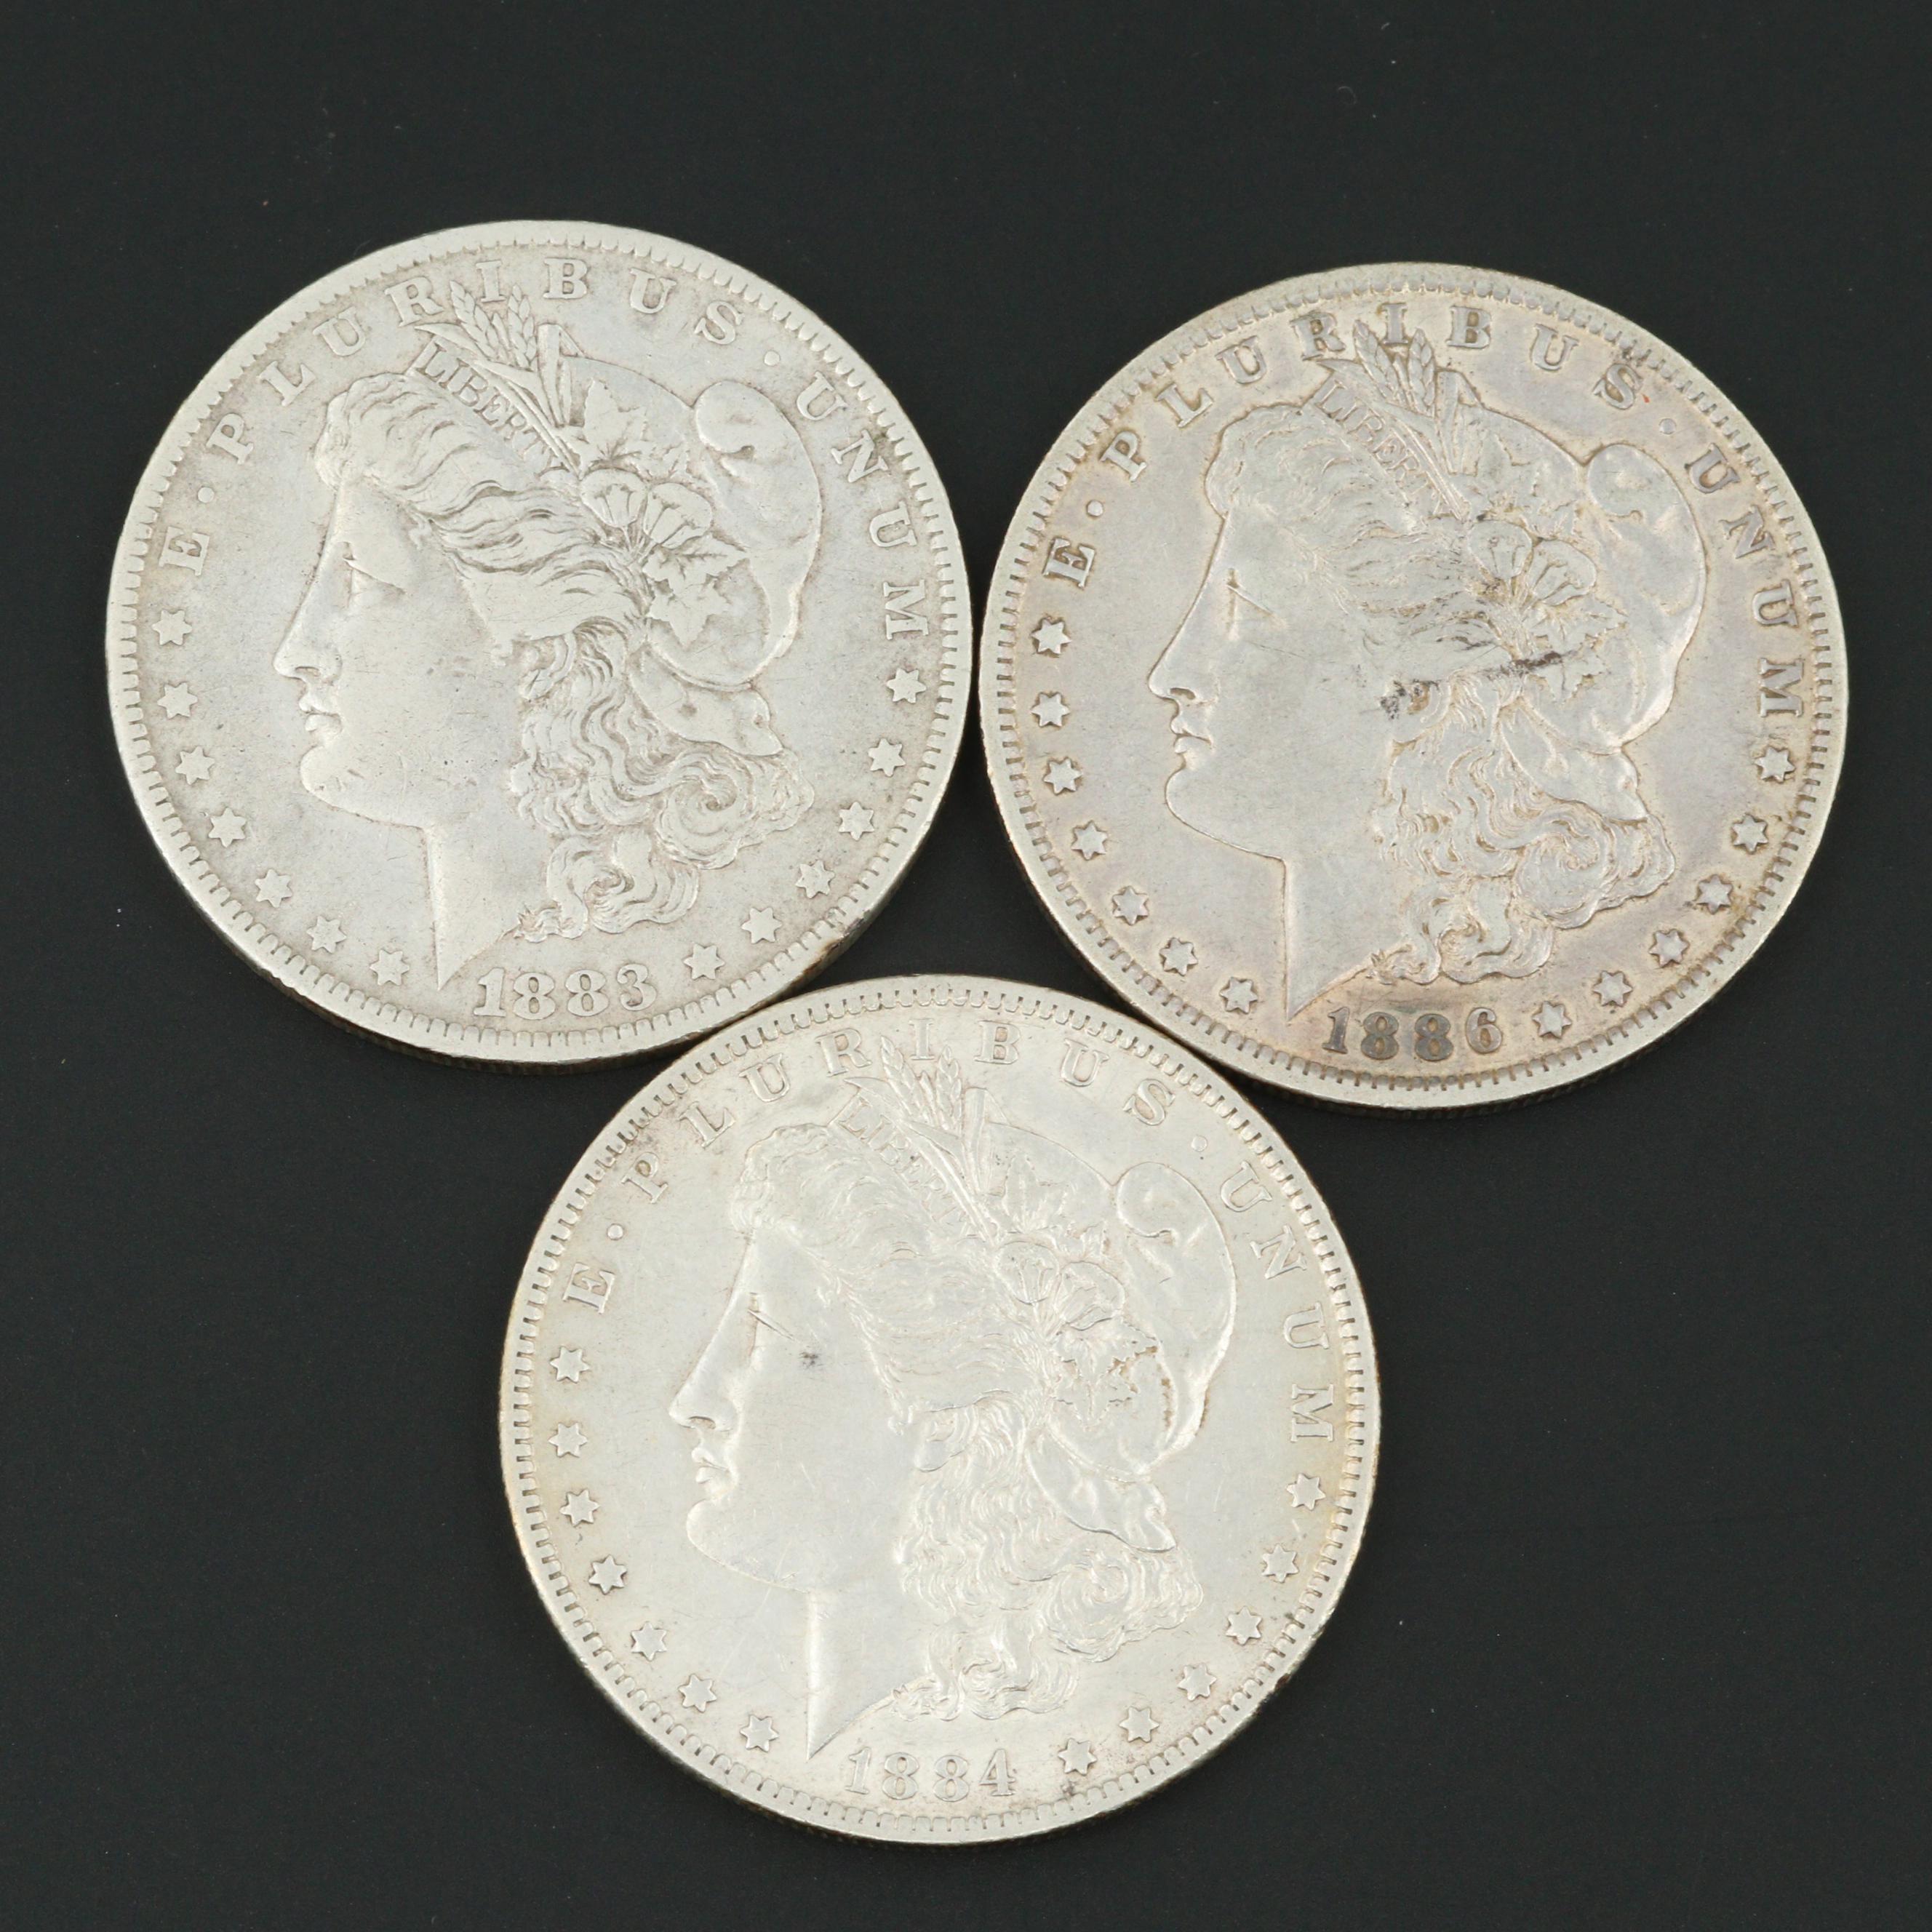 Three Silver Morgan Dollars Including 1883-O, 1884-O, and 1886-O